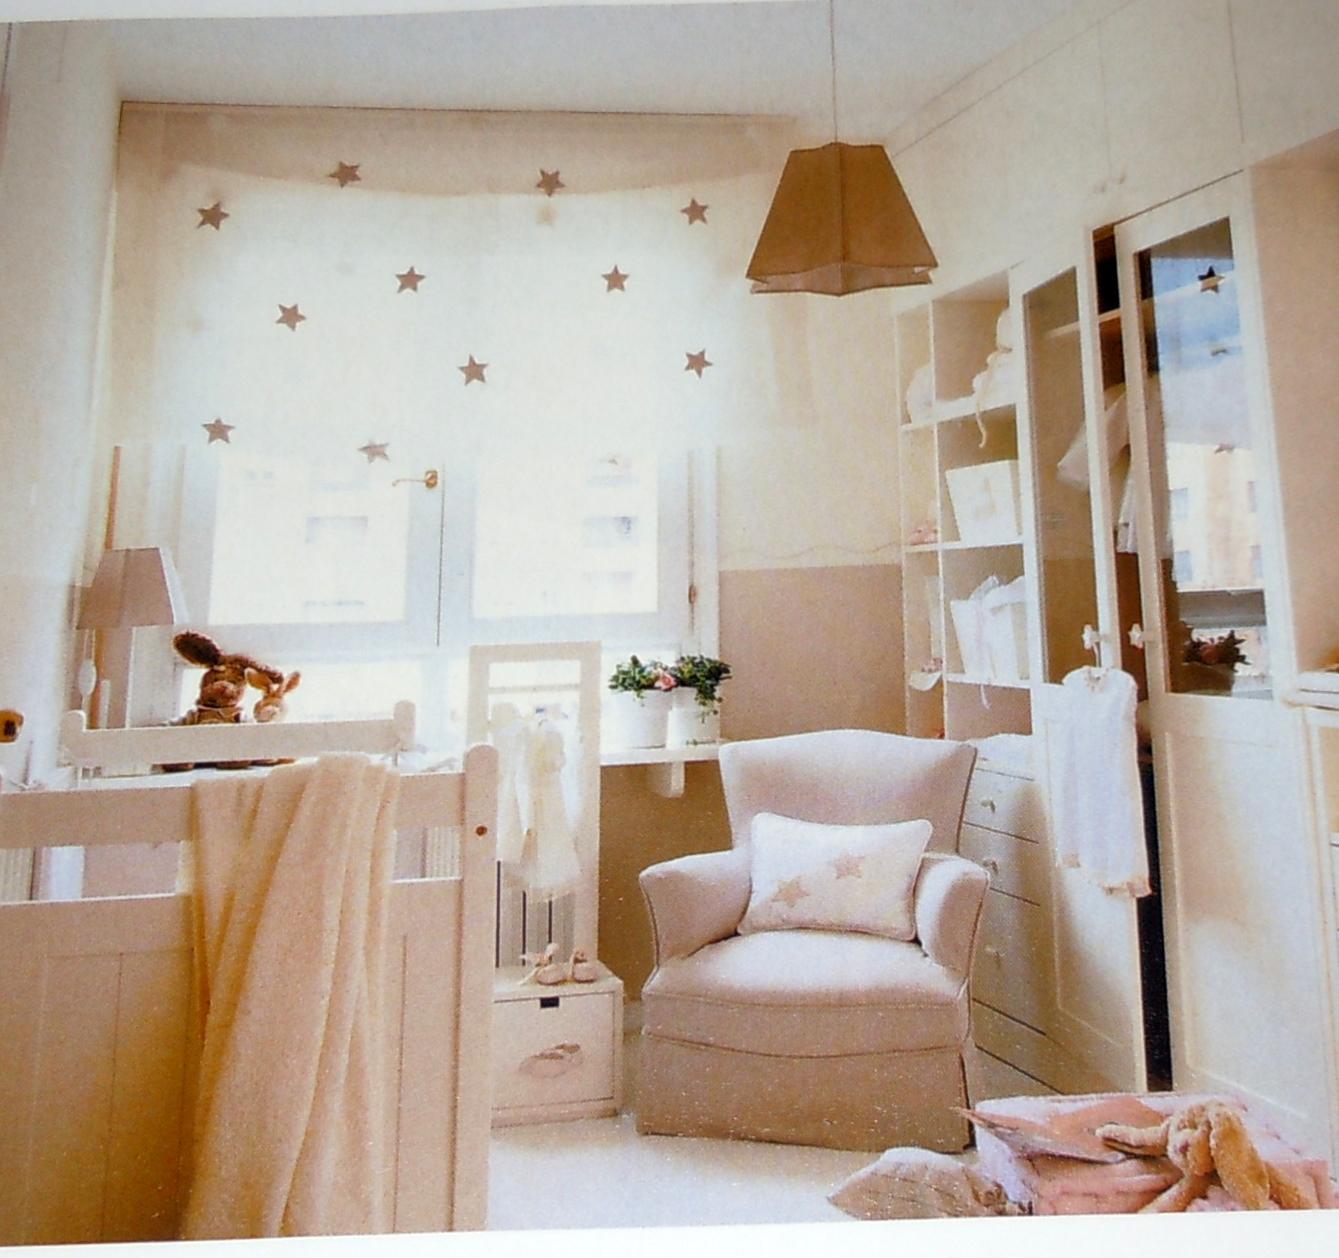 Cortinas romanas impresas para el cuarto de los m s peque os - Cortinas para habitacion de bebes ...